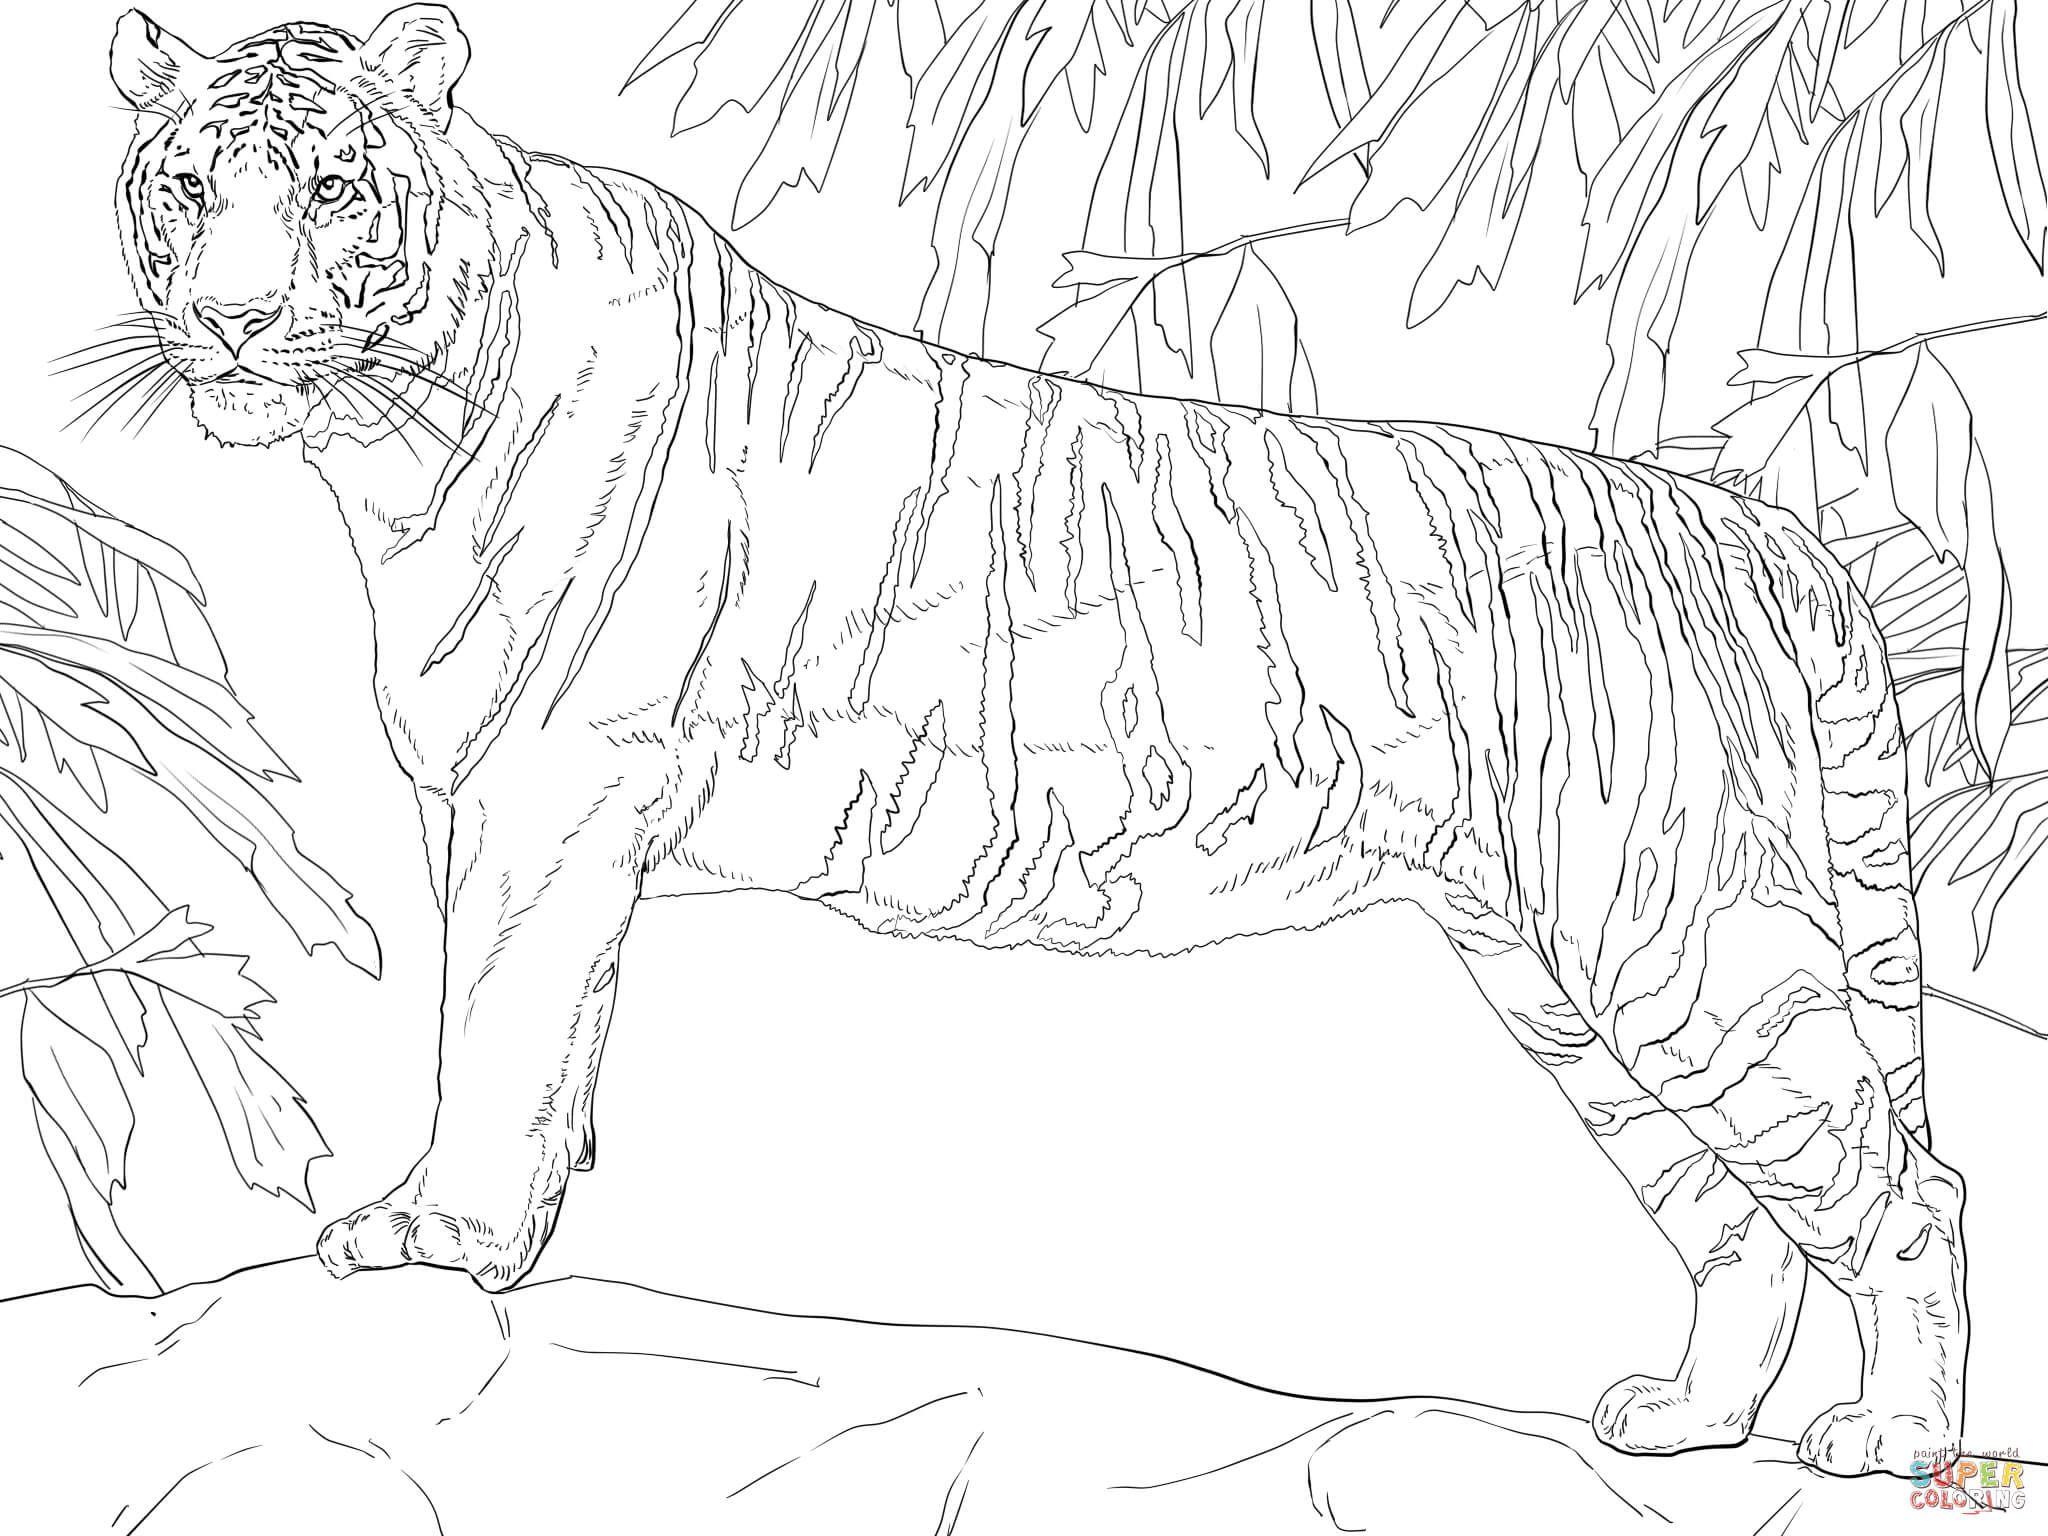 Stehender Bengalischer Tiger Super Coloring Ausmalbilder Ausmalen Malen Nach Zahlen Kinder